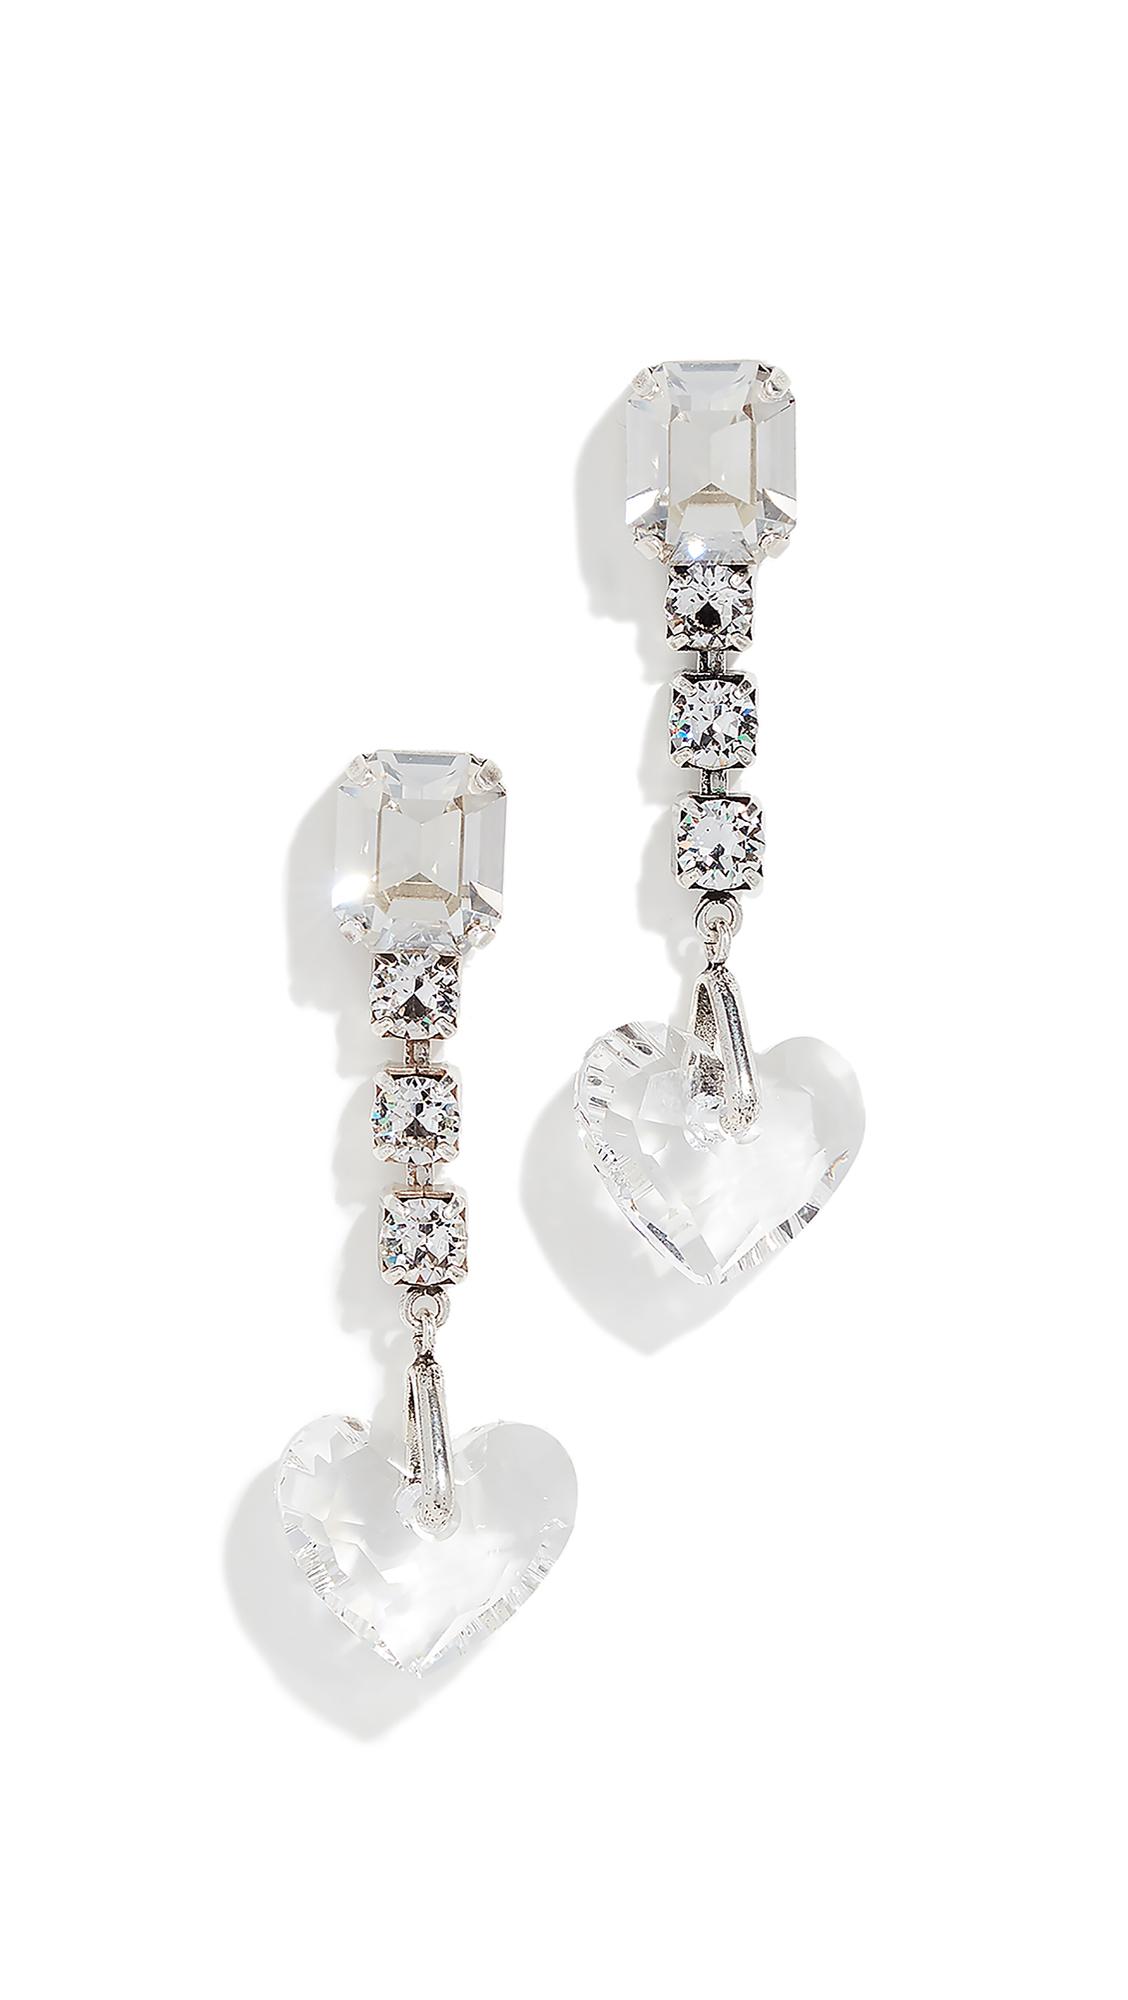 Isabel Marant Boucle Oreille True Love Earrings In Silver